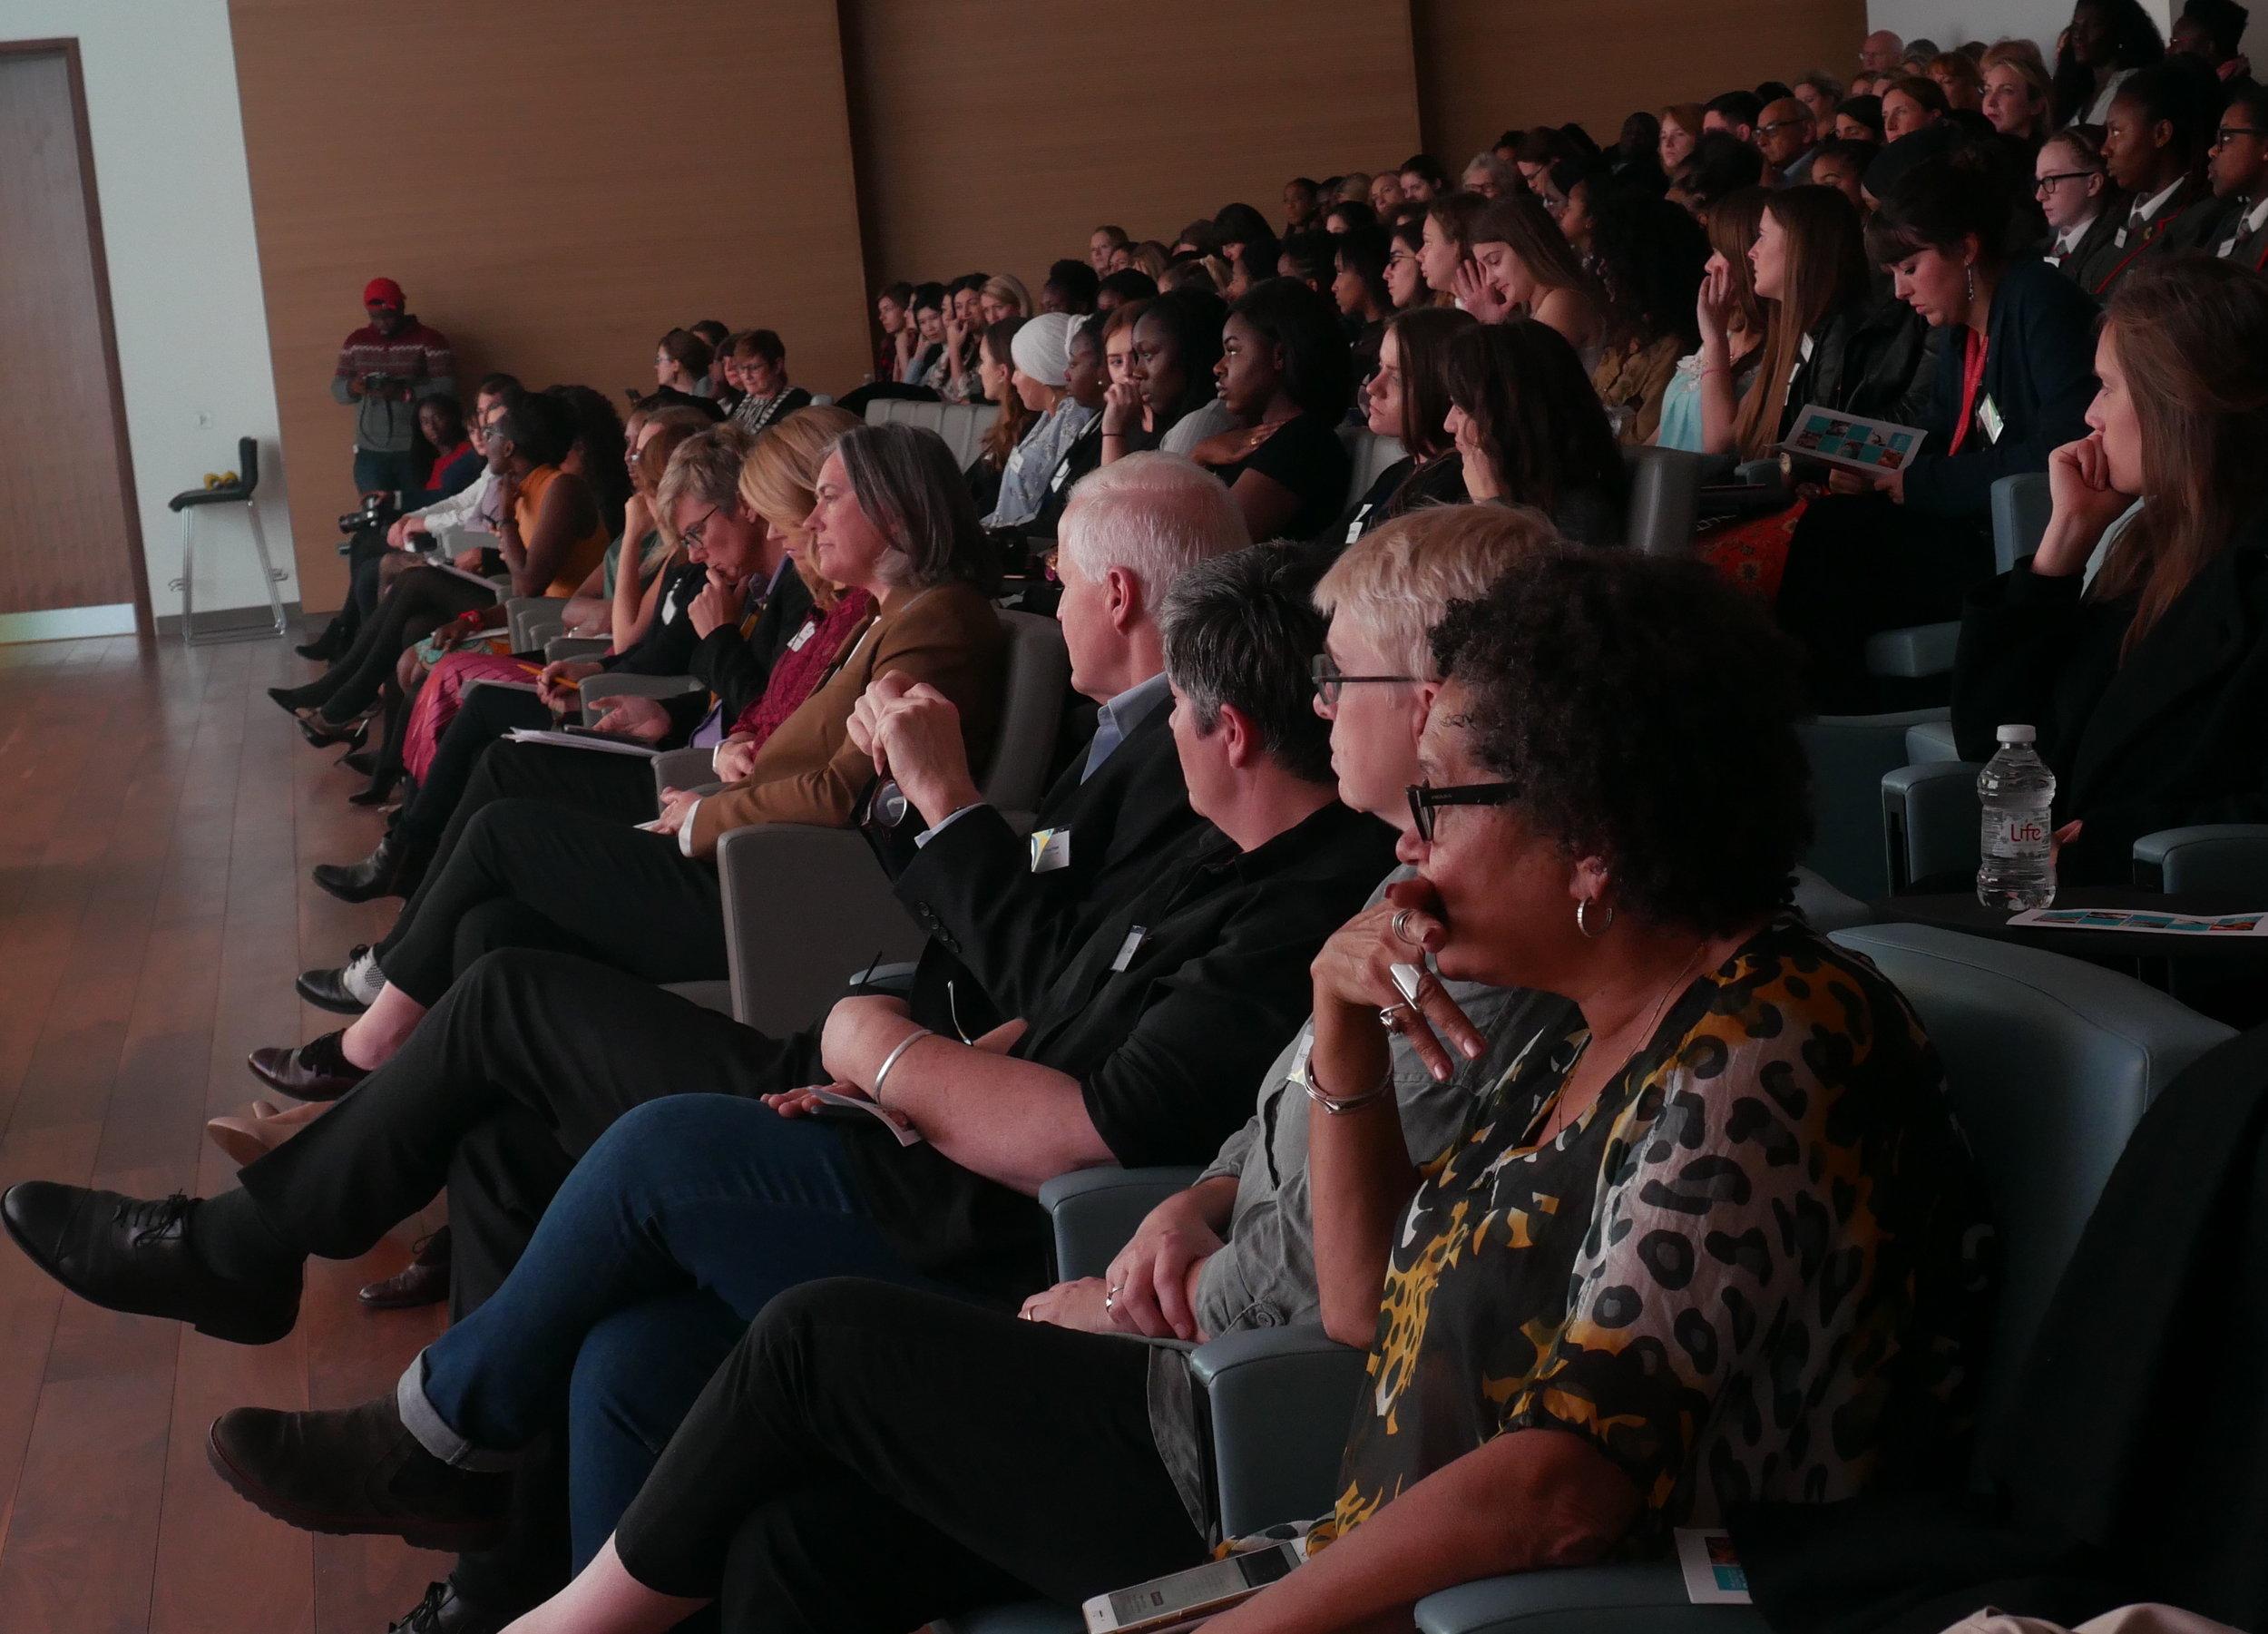 Audience cropped 2.JPG